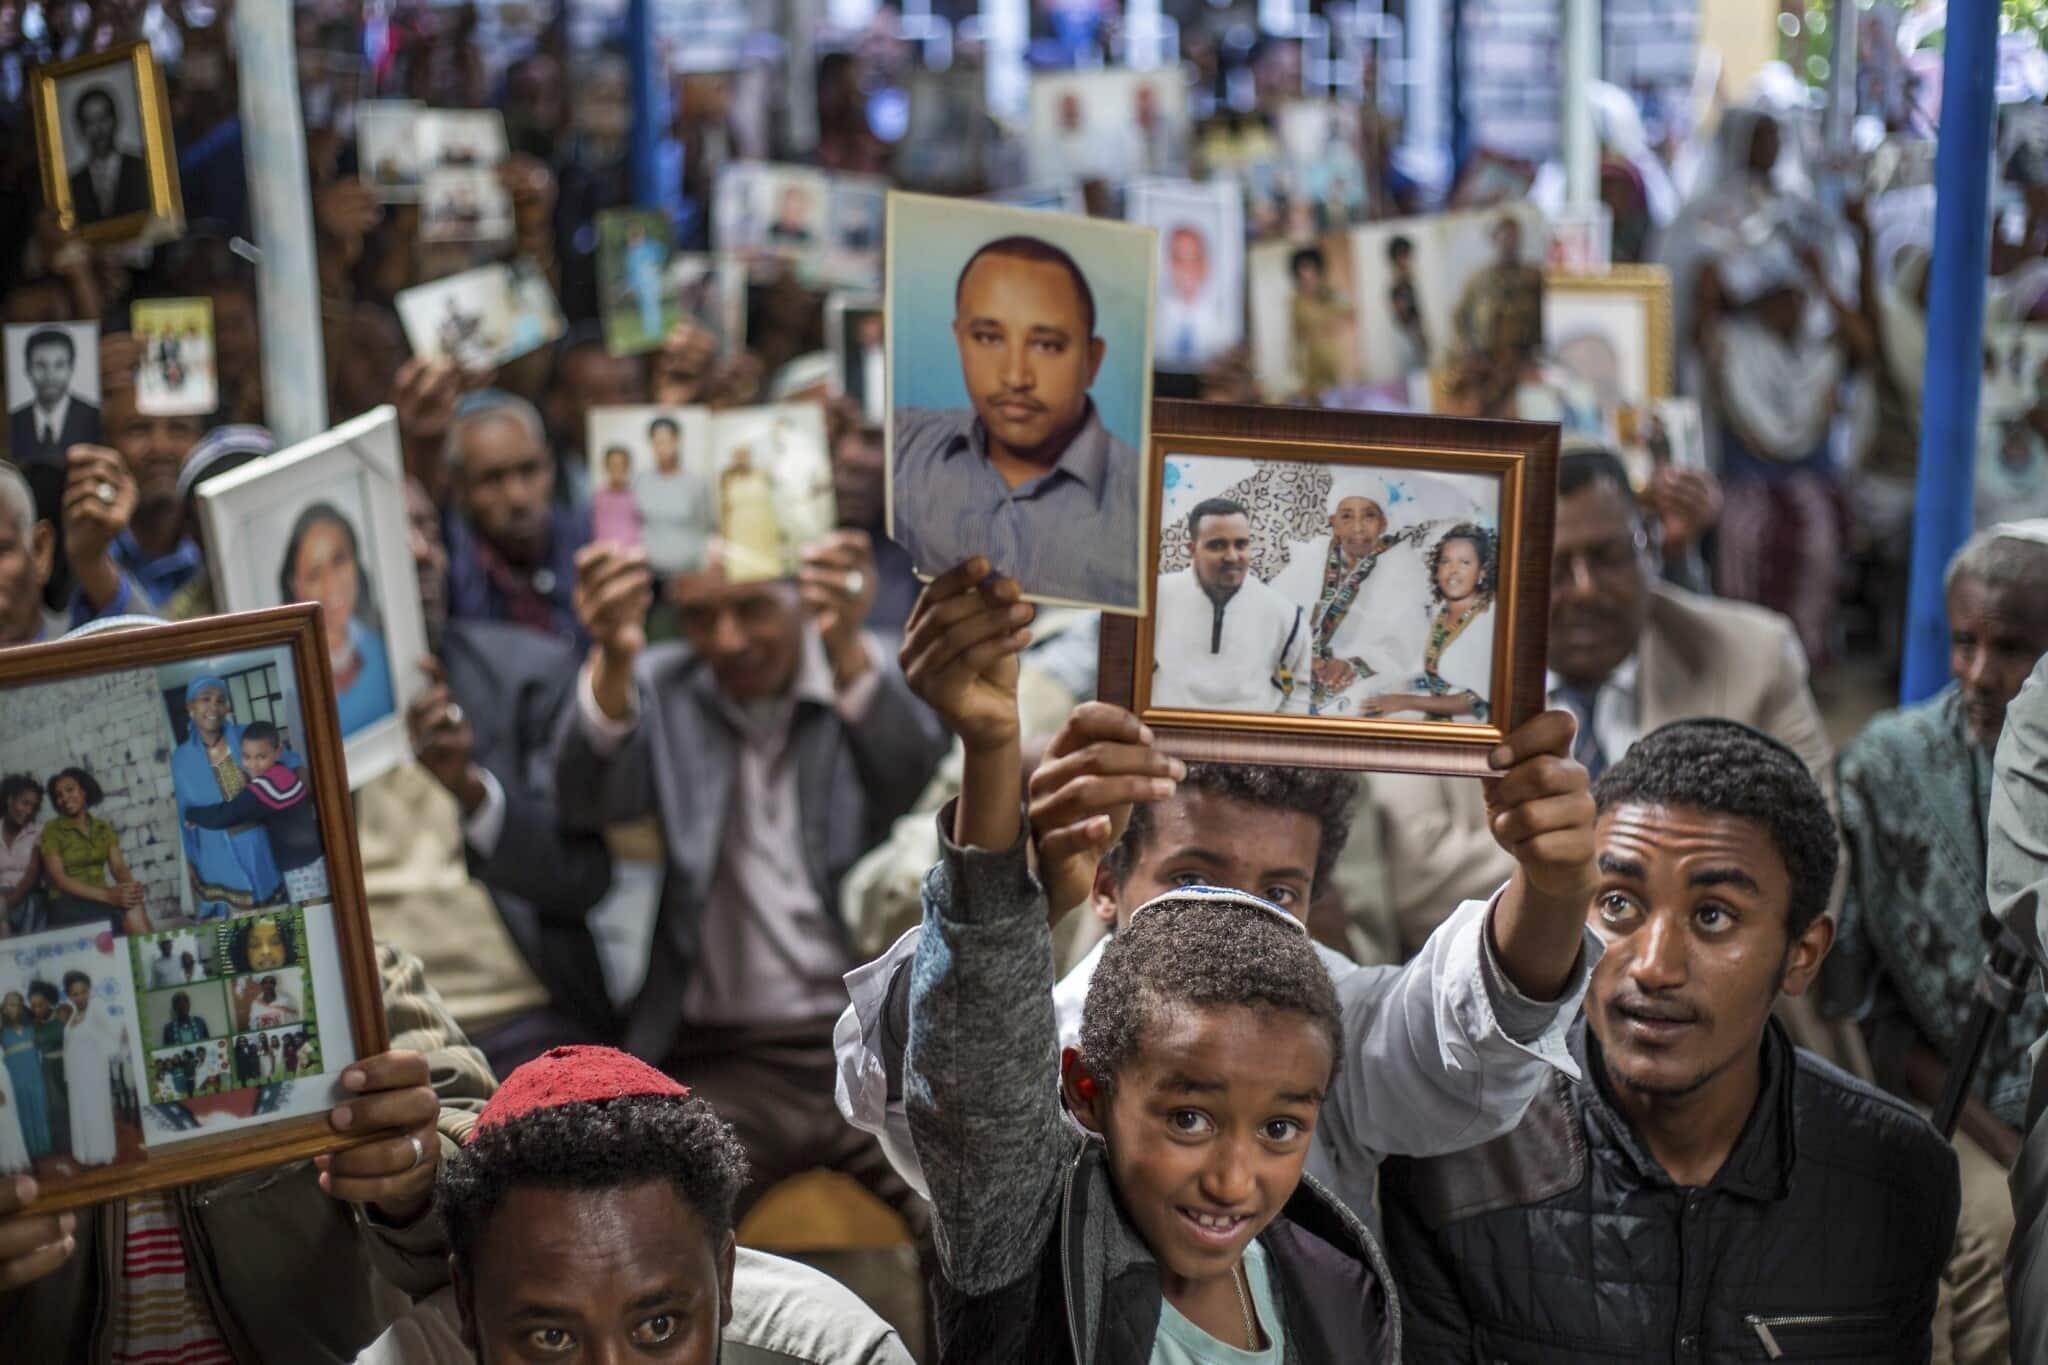 חברי הקהילה היהודית באתיופיה מציגים תמונות של קרוביהם בישראל, במהלך אירוע סולידריות בבית הכנסת באדיס אבבה, פברואר 2018. (צילום: AP Photo / Mulugeta Ayene)